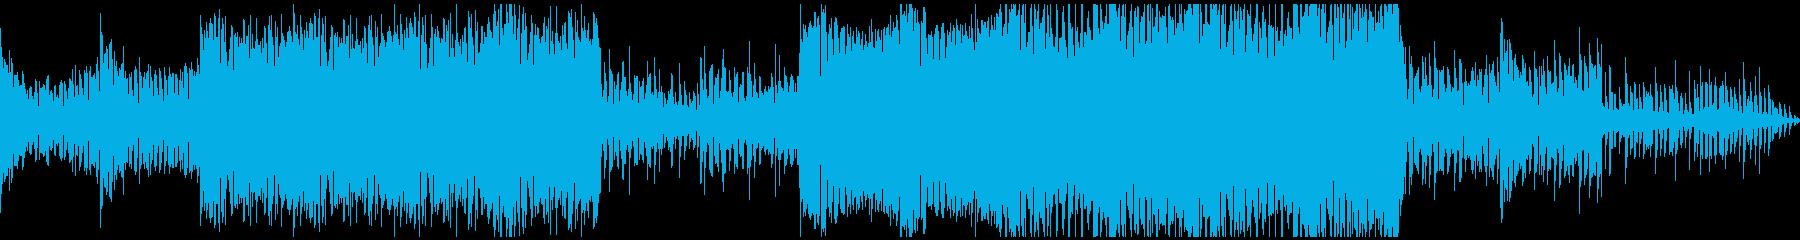 ワブルベースのクラブ風ミュージックの再生済みの波形